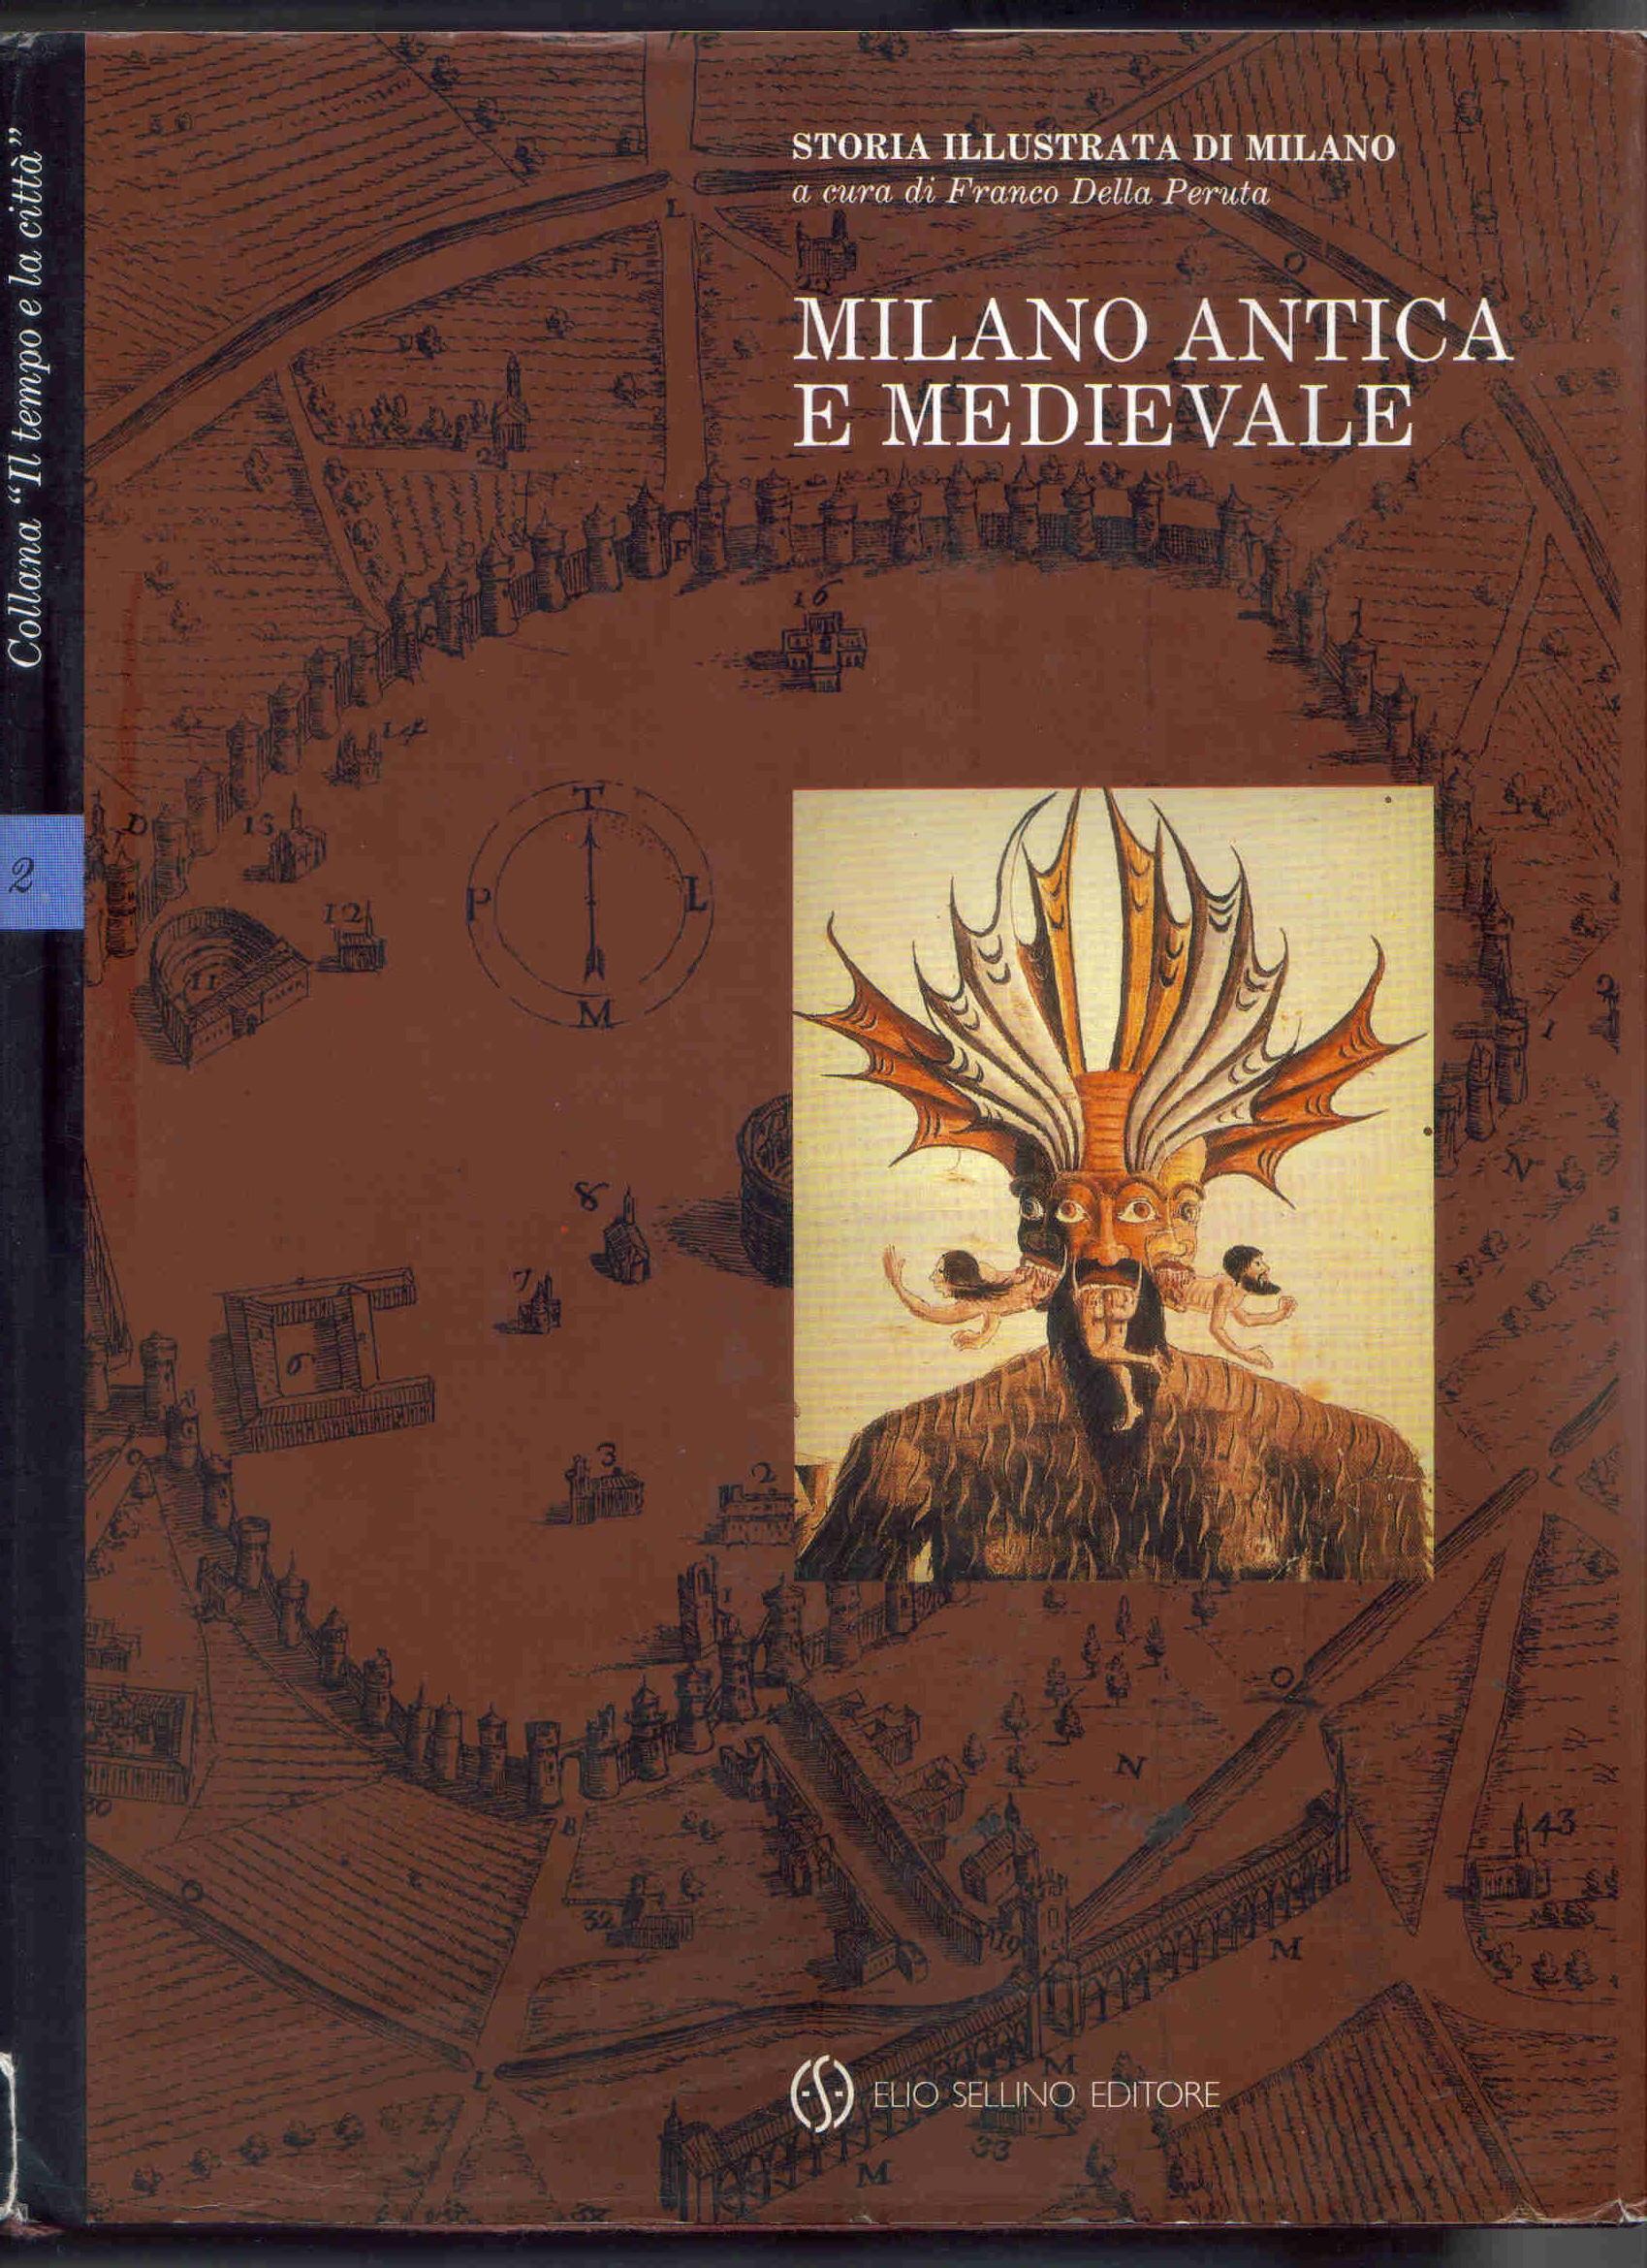 Milano antica e medievale